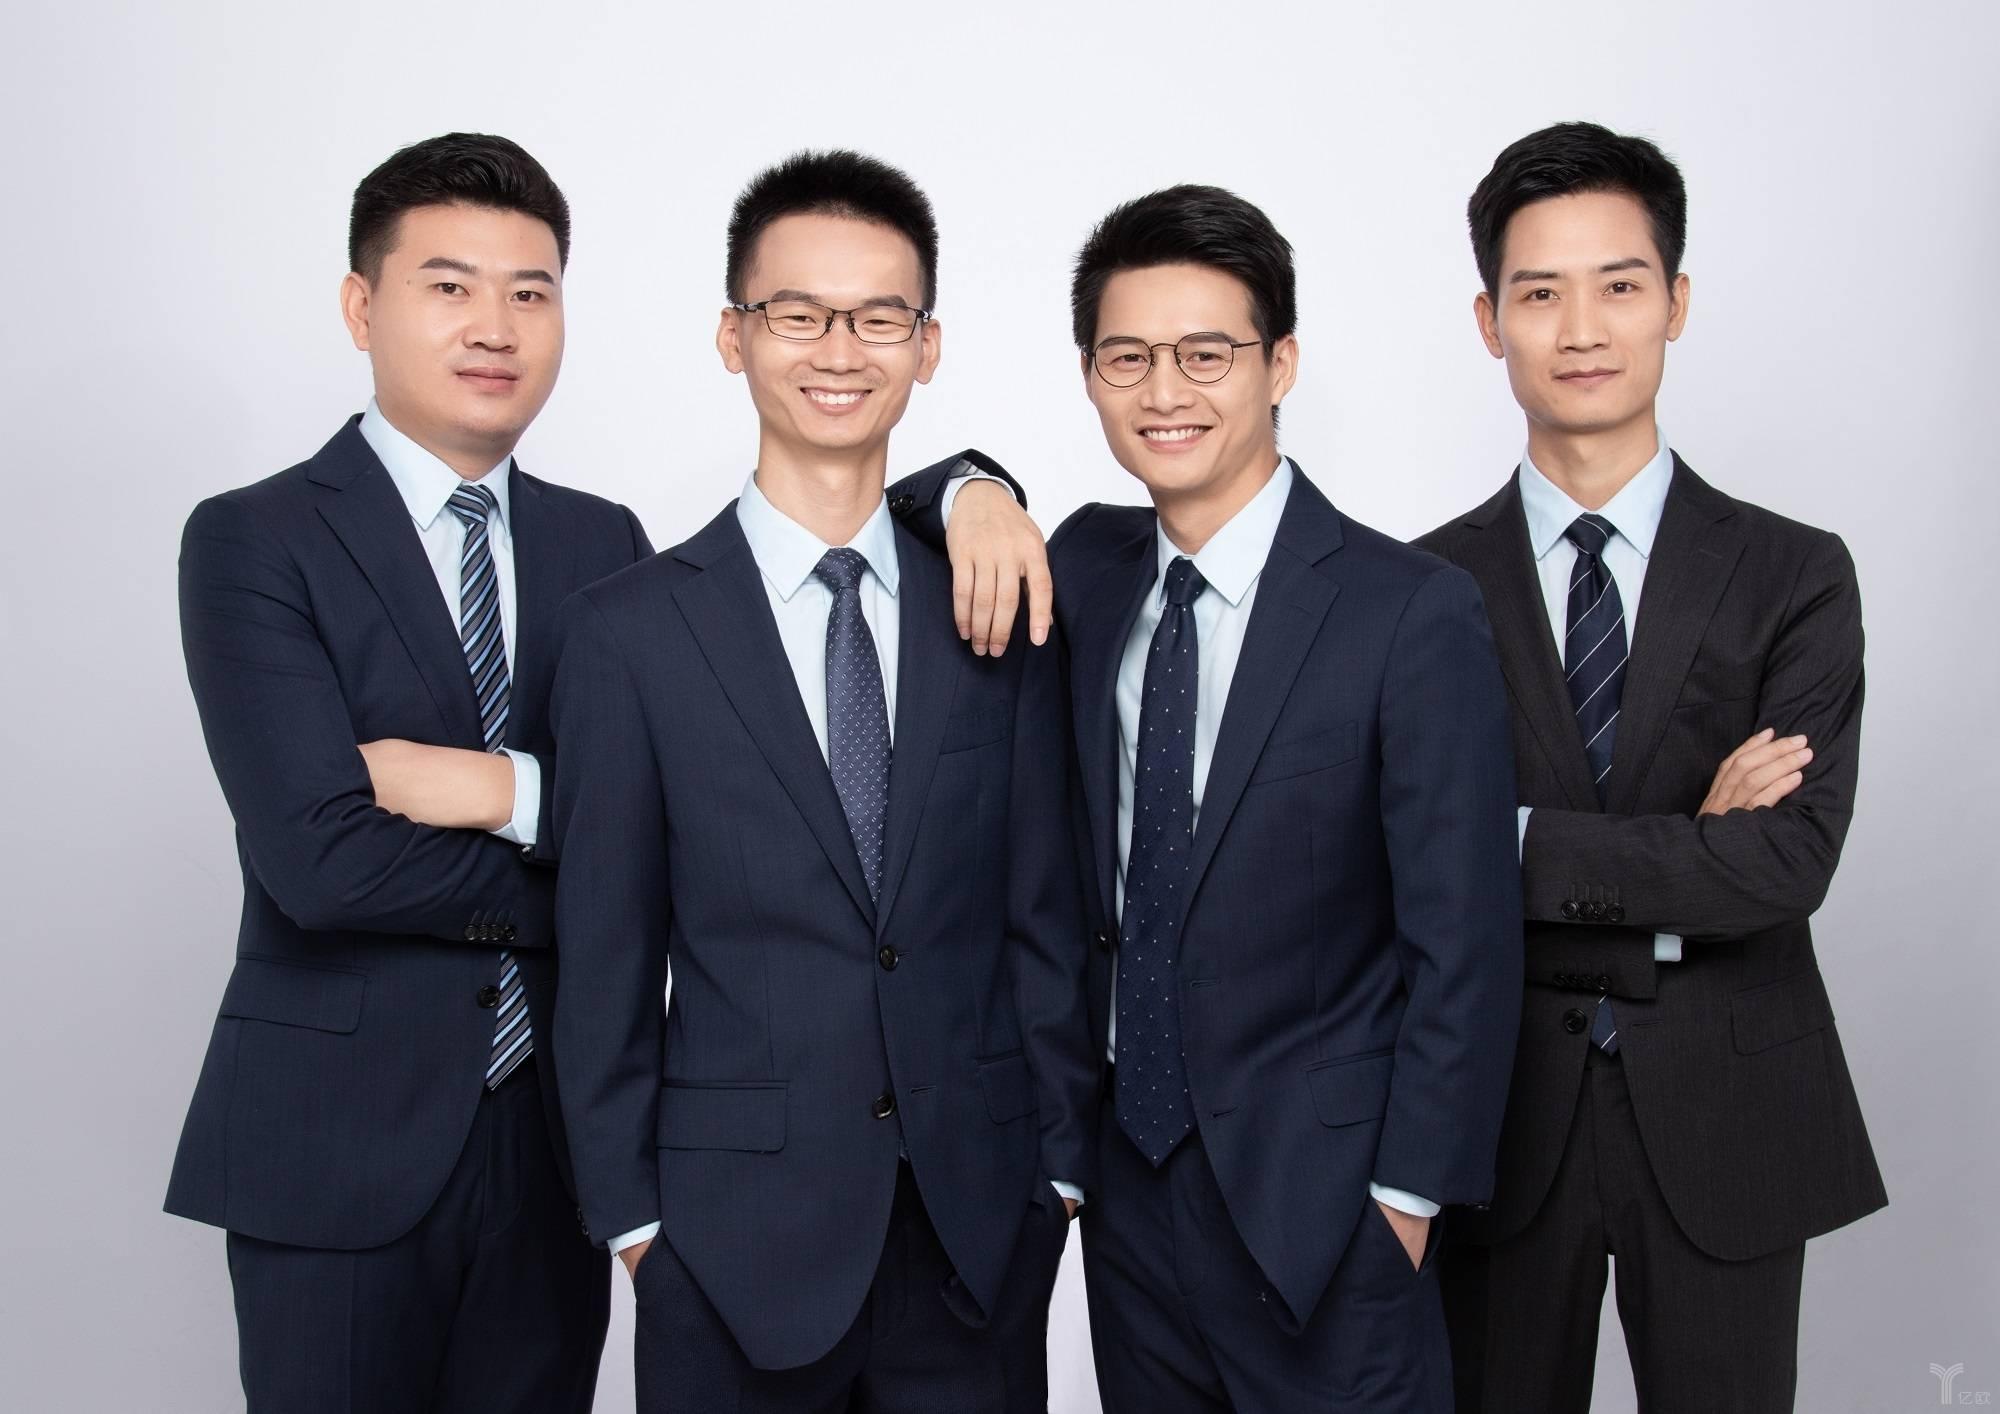 李雷达和他的团队:李雷达  周勇国  伍龙辉  朱忠辉 (从左至右)